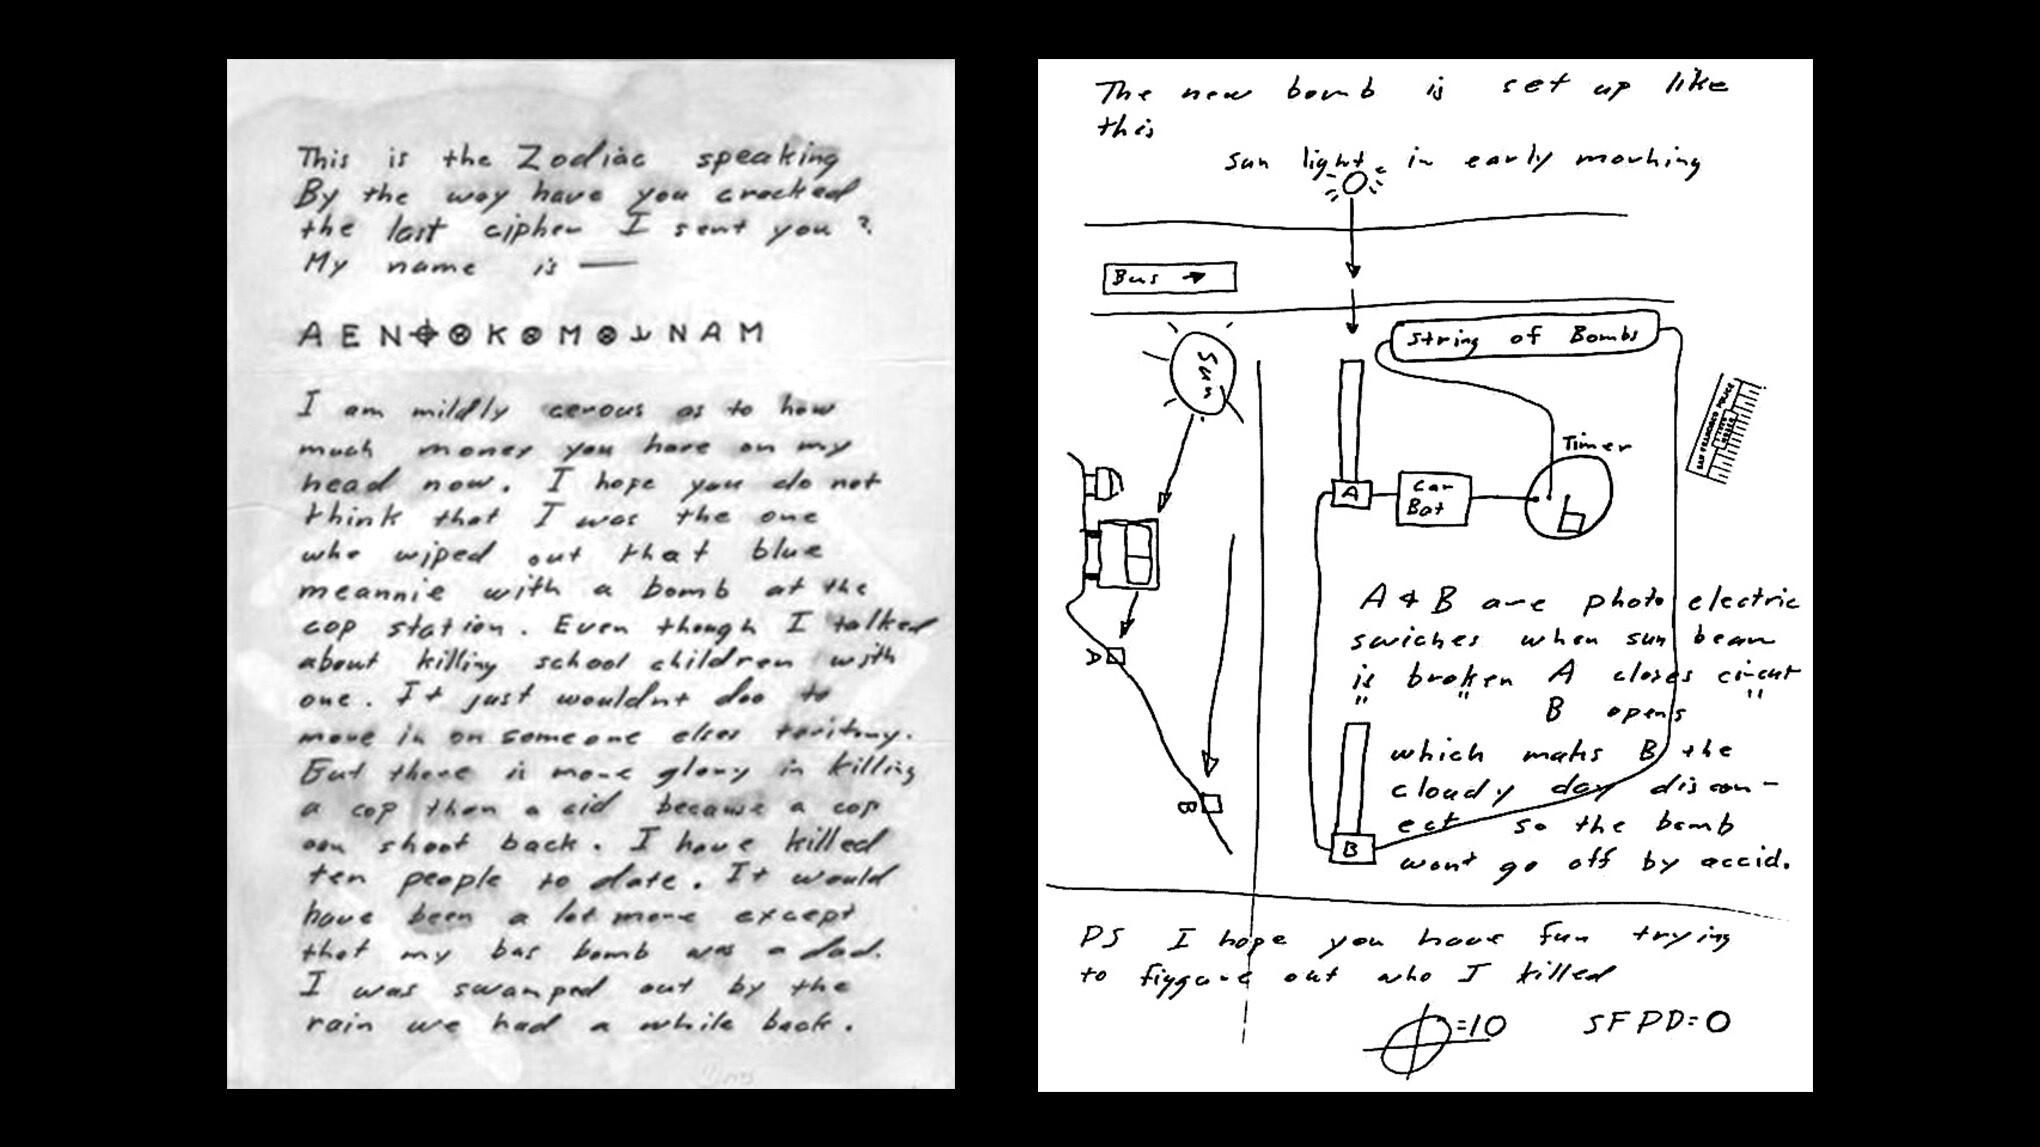 Письмо с шифром и схемой бомбы, присланное Зодиаком в апреле 1970 года